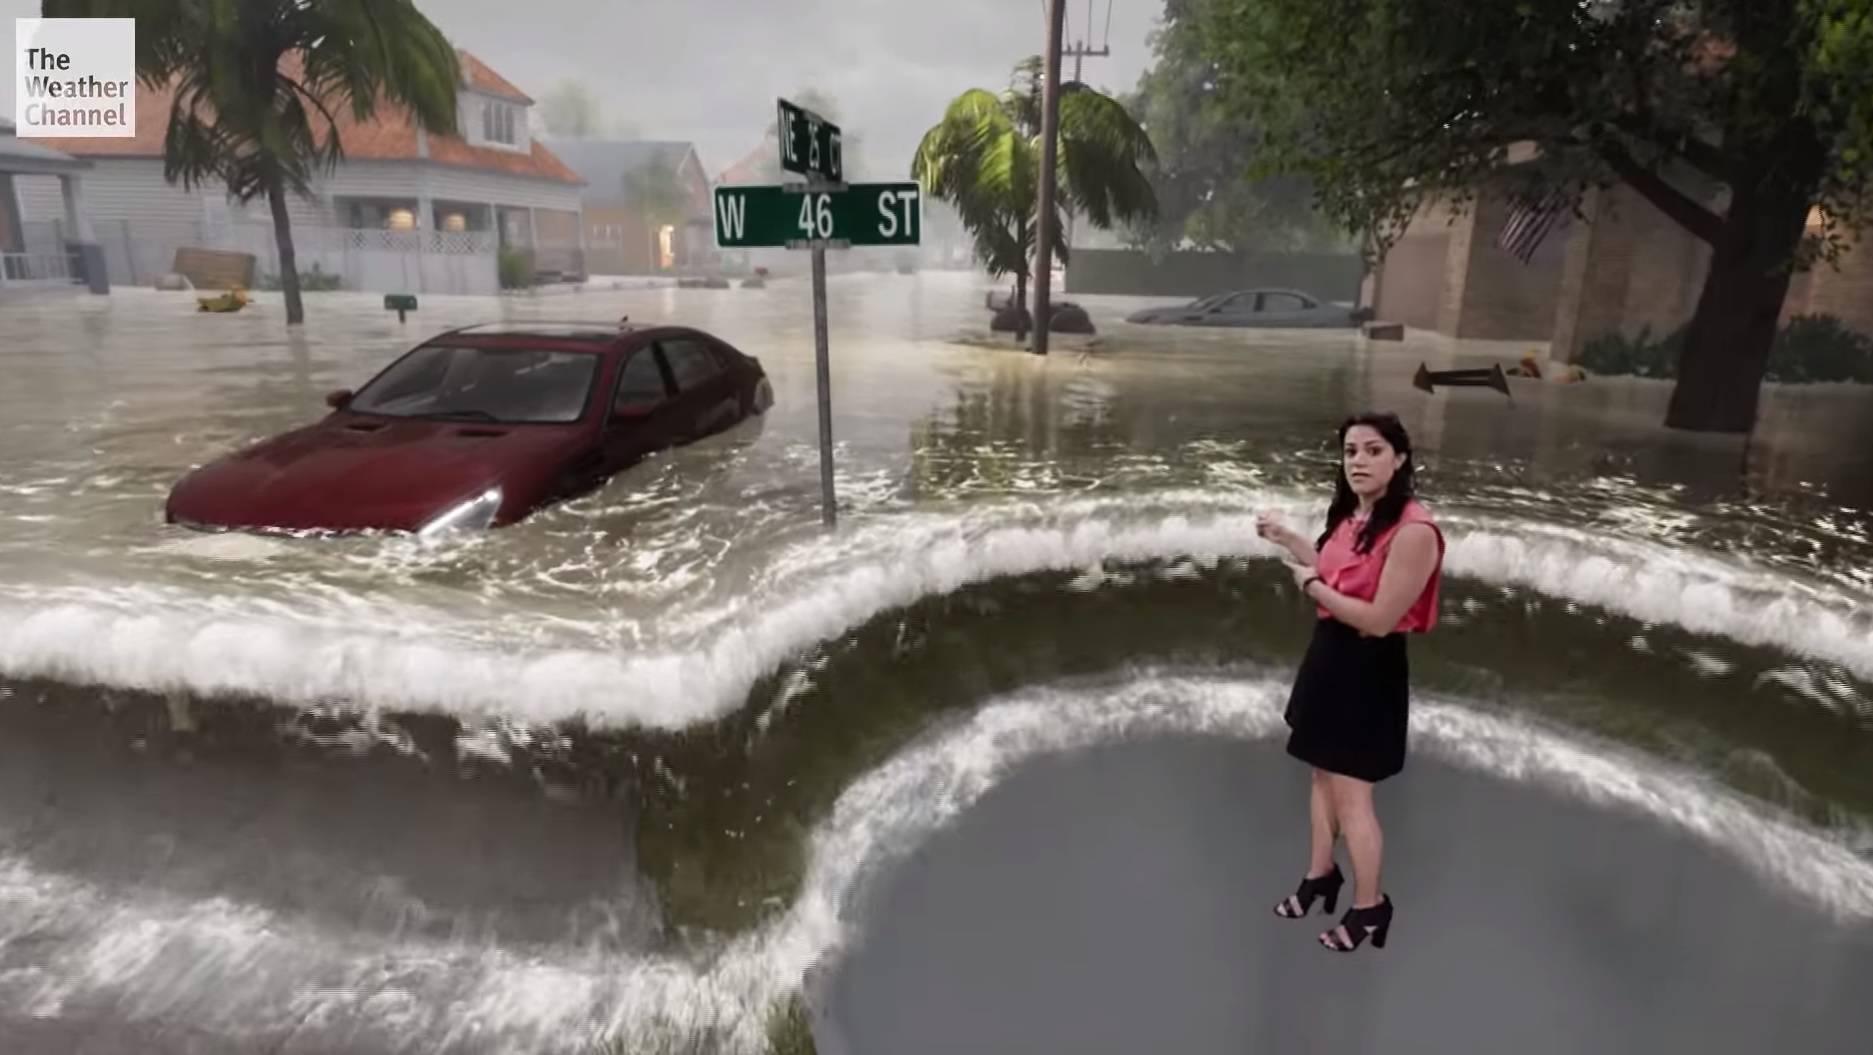 'Evakuirajte se dok možete jer nema šanse da ovo preživite!'